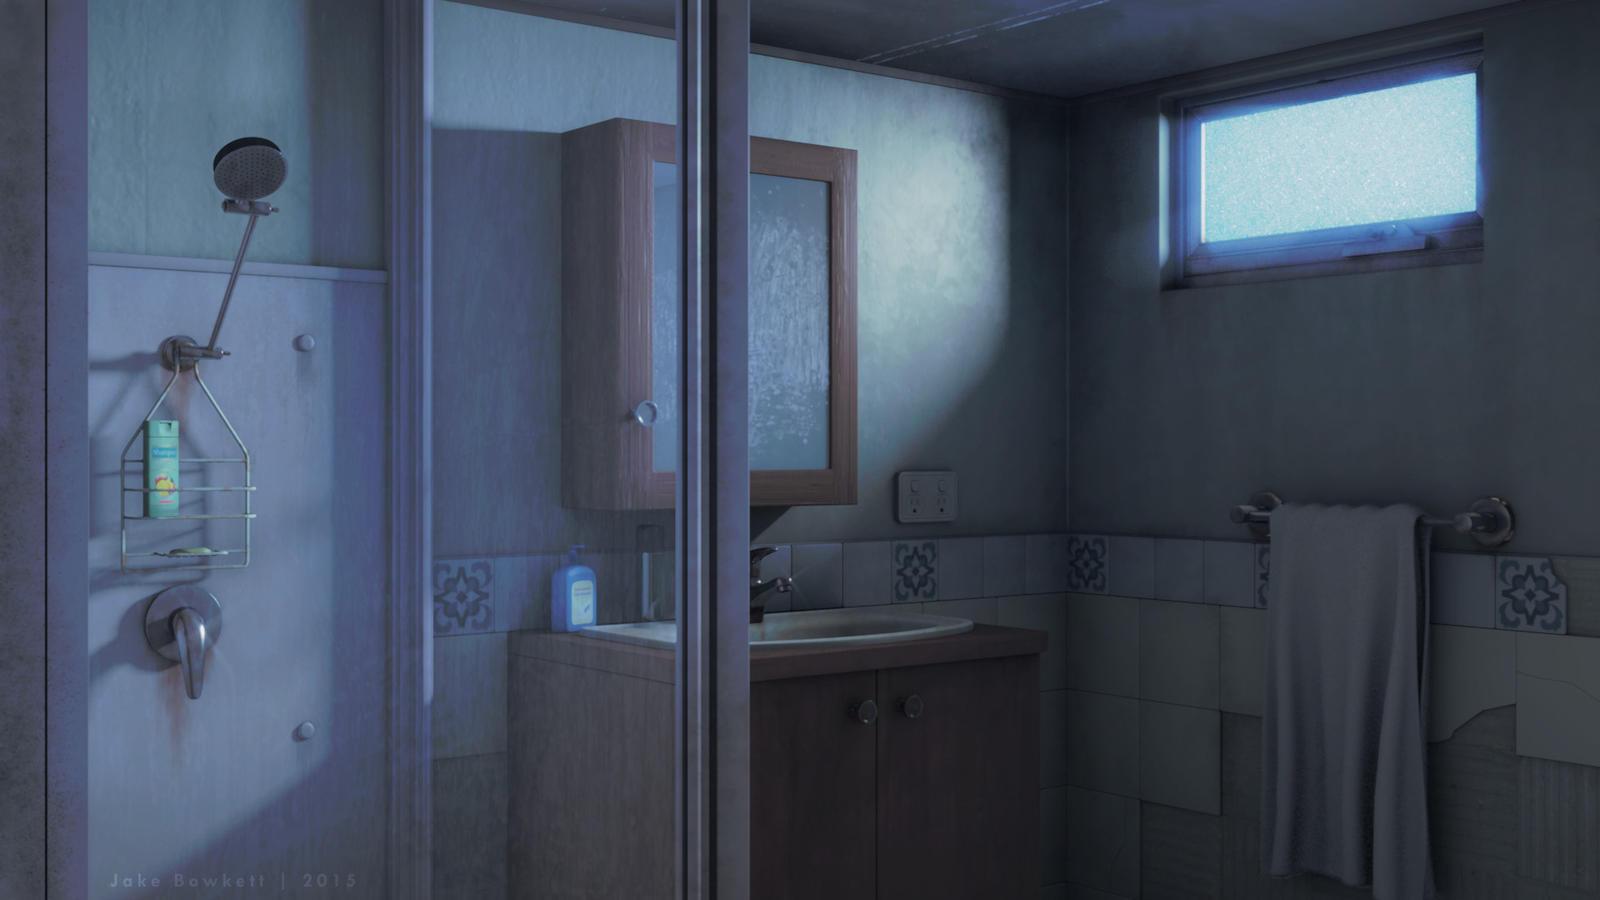 Bathroom in Disrepair [day] by JakeBowkett